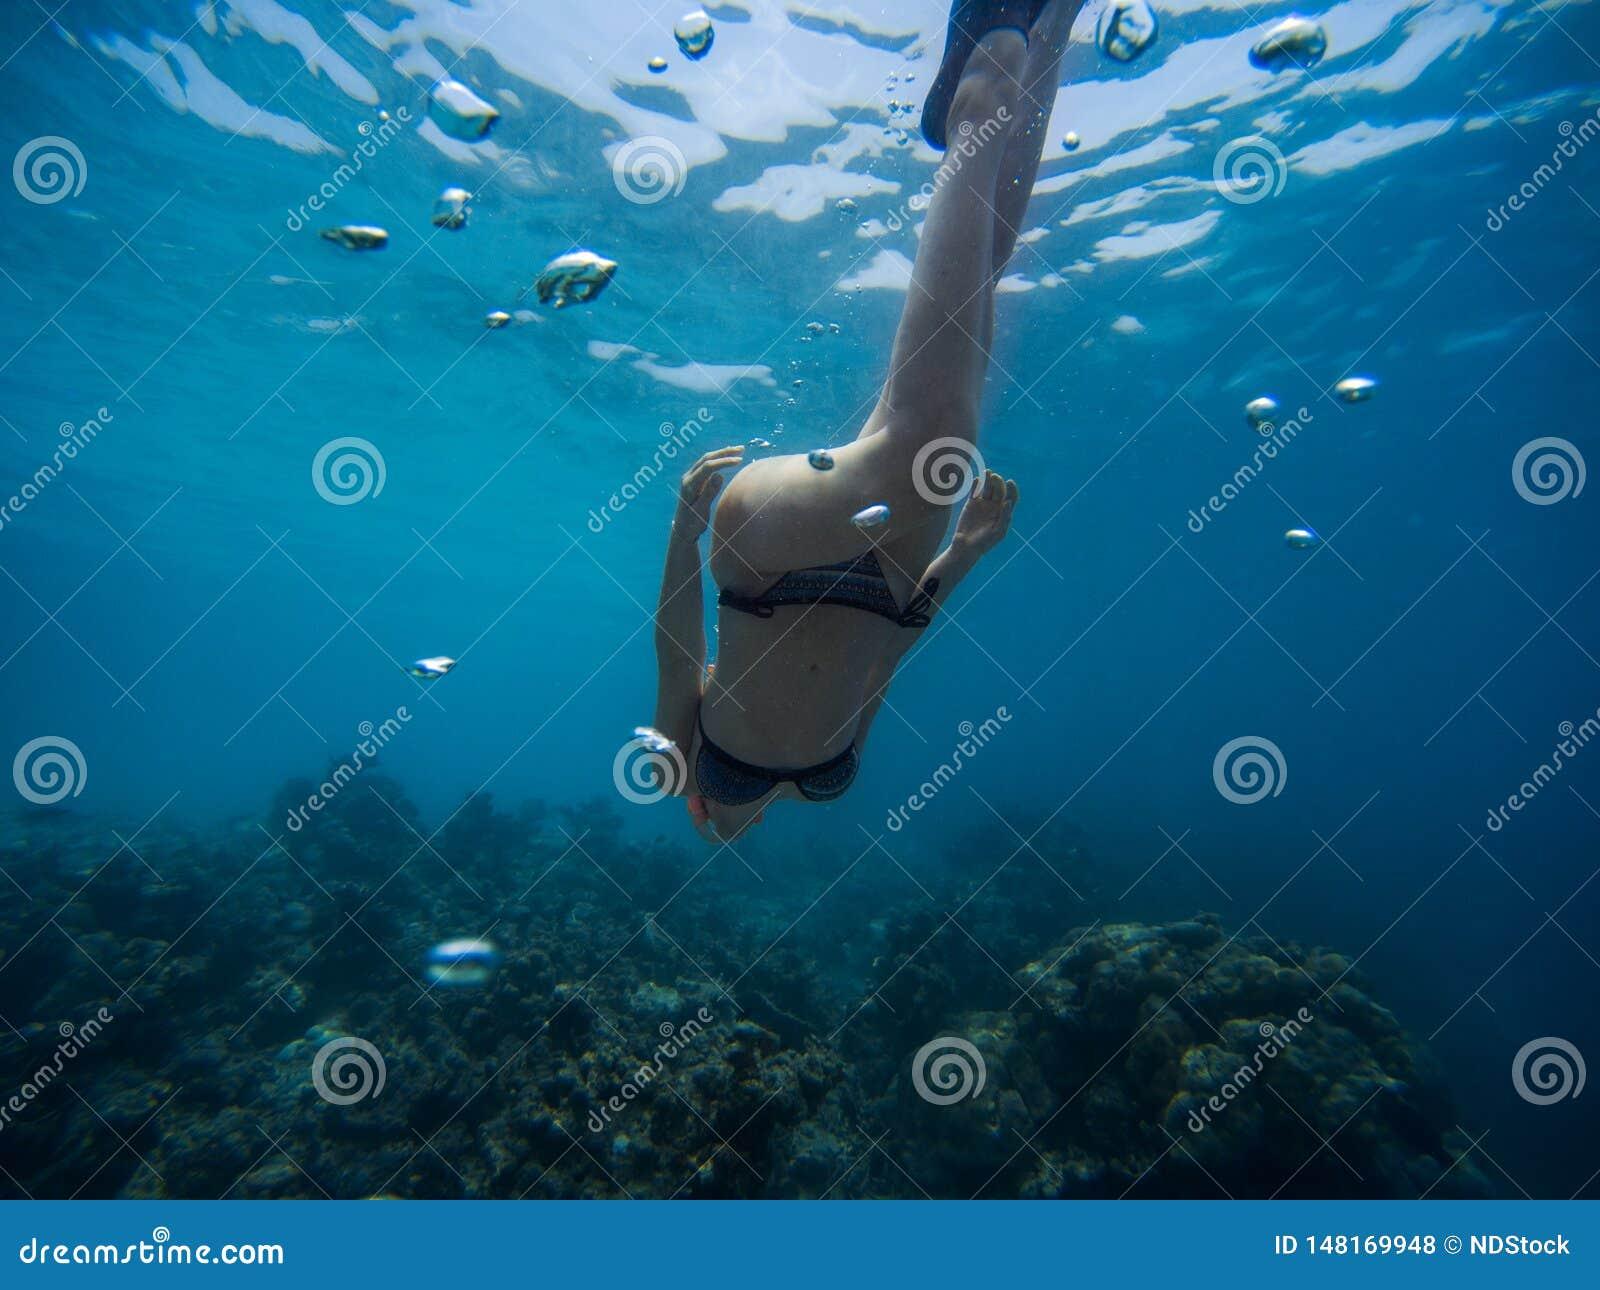 Junge Frau Freediver schwimmt unter Wasser mit Schnorchel und Flippern